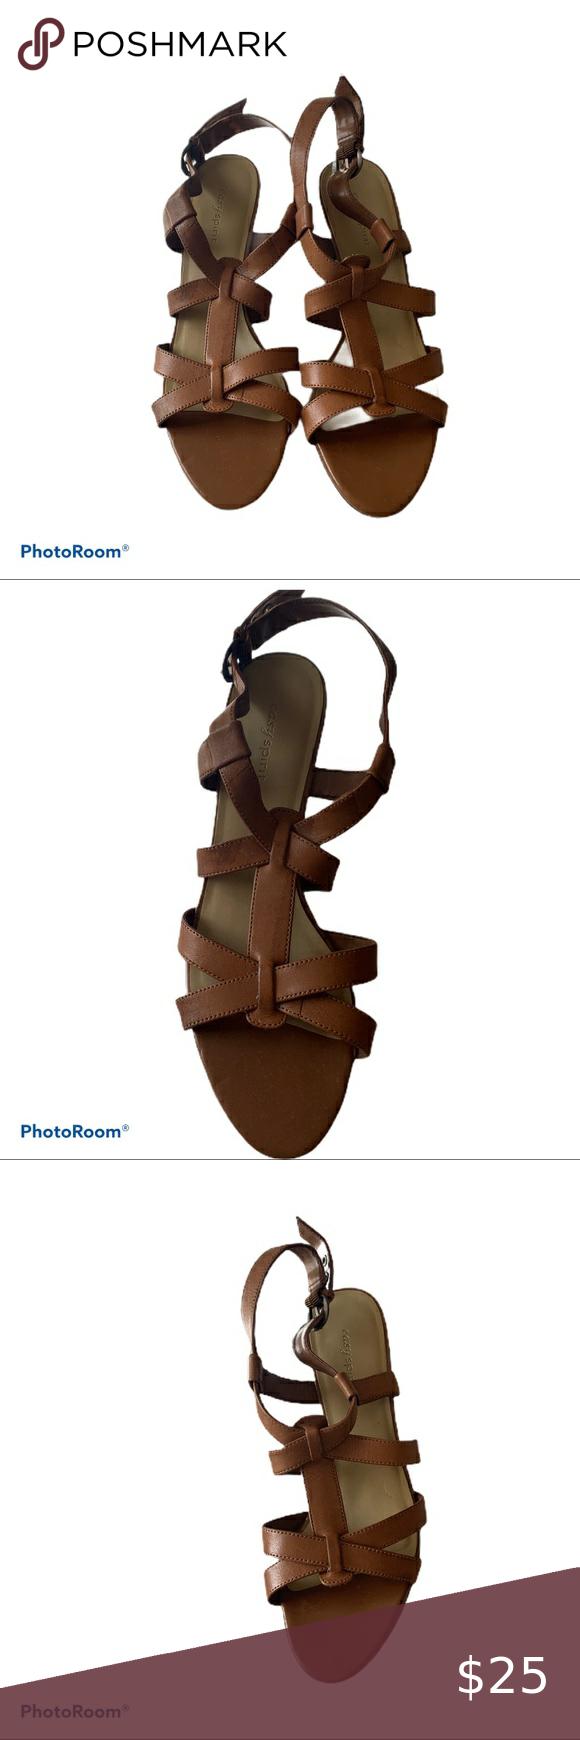 🌞Women's Easy Spirit Sandals, size 8